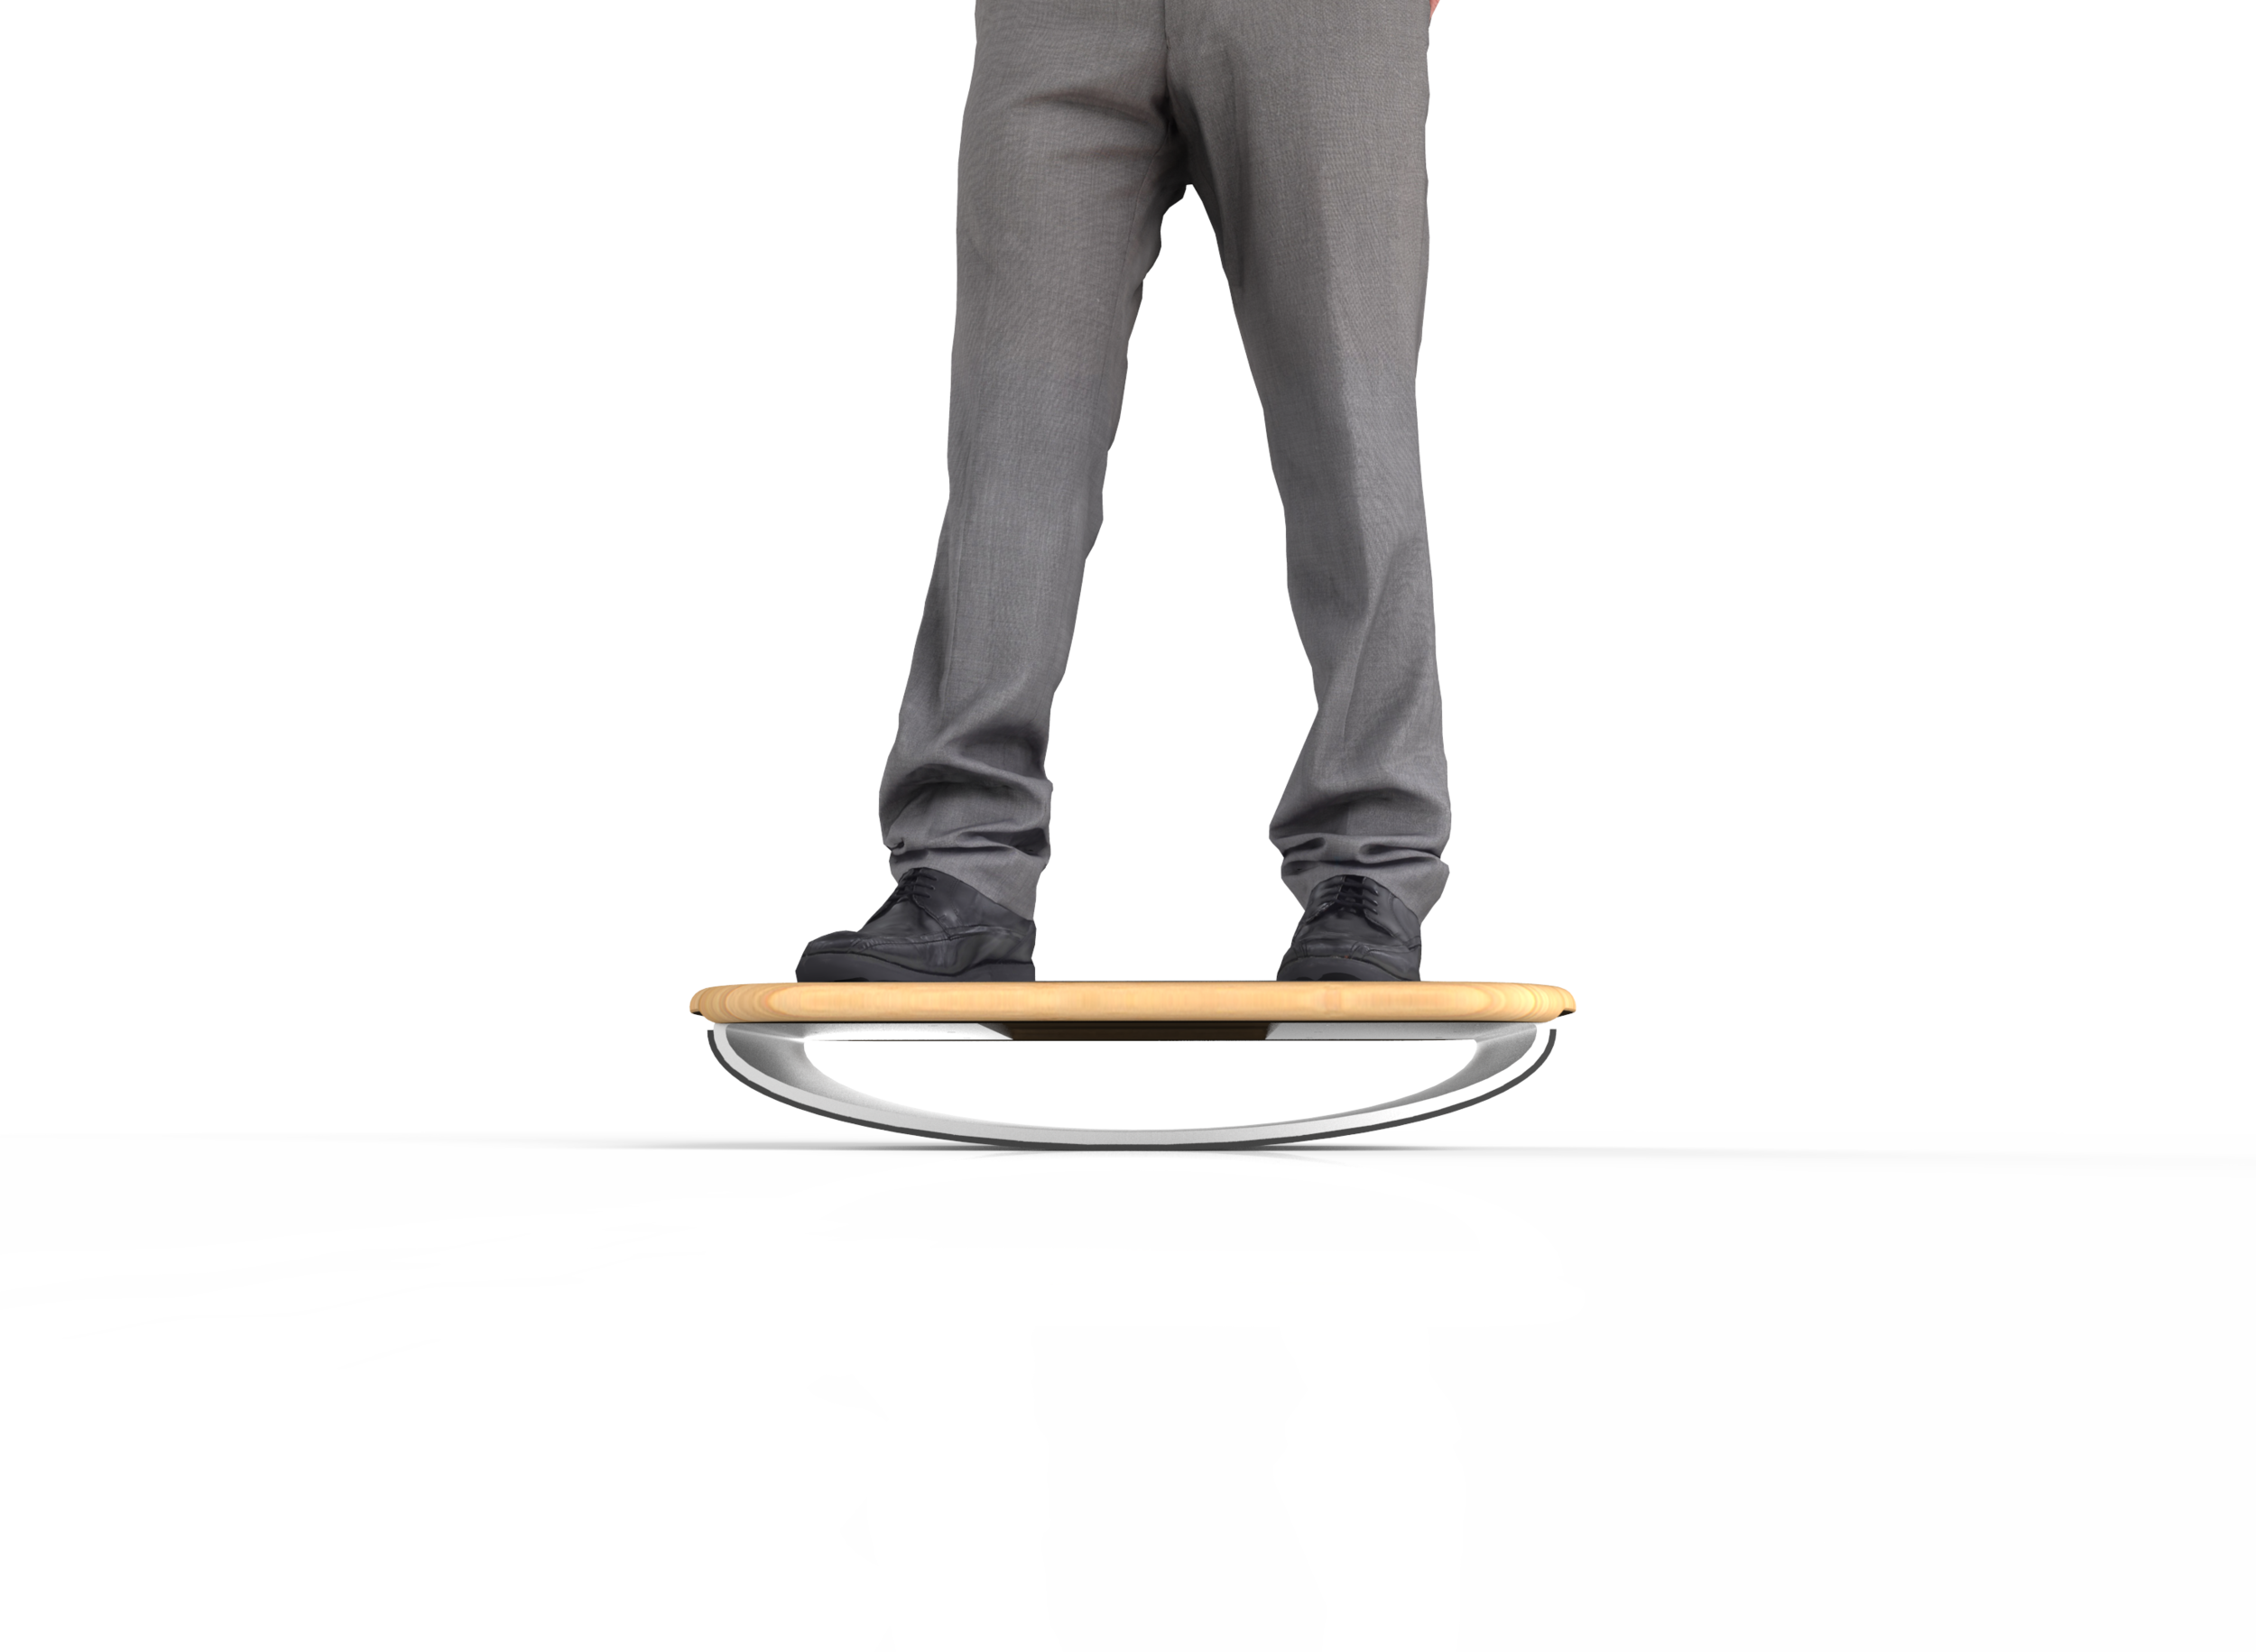 Balance Board Concept